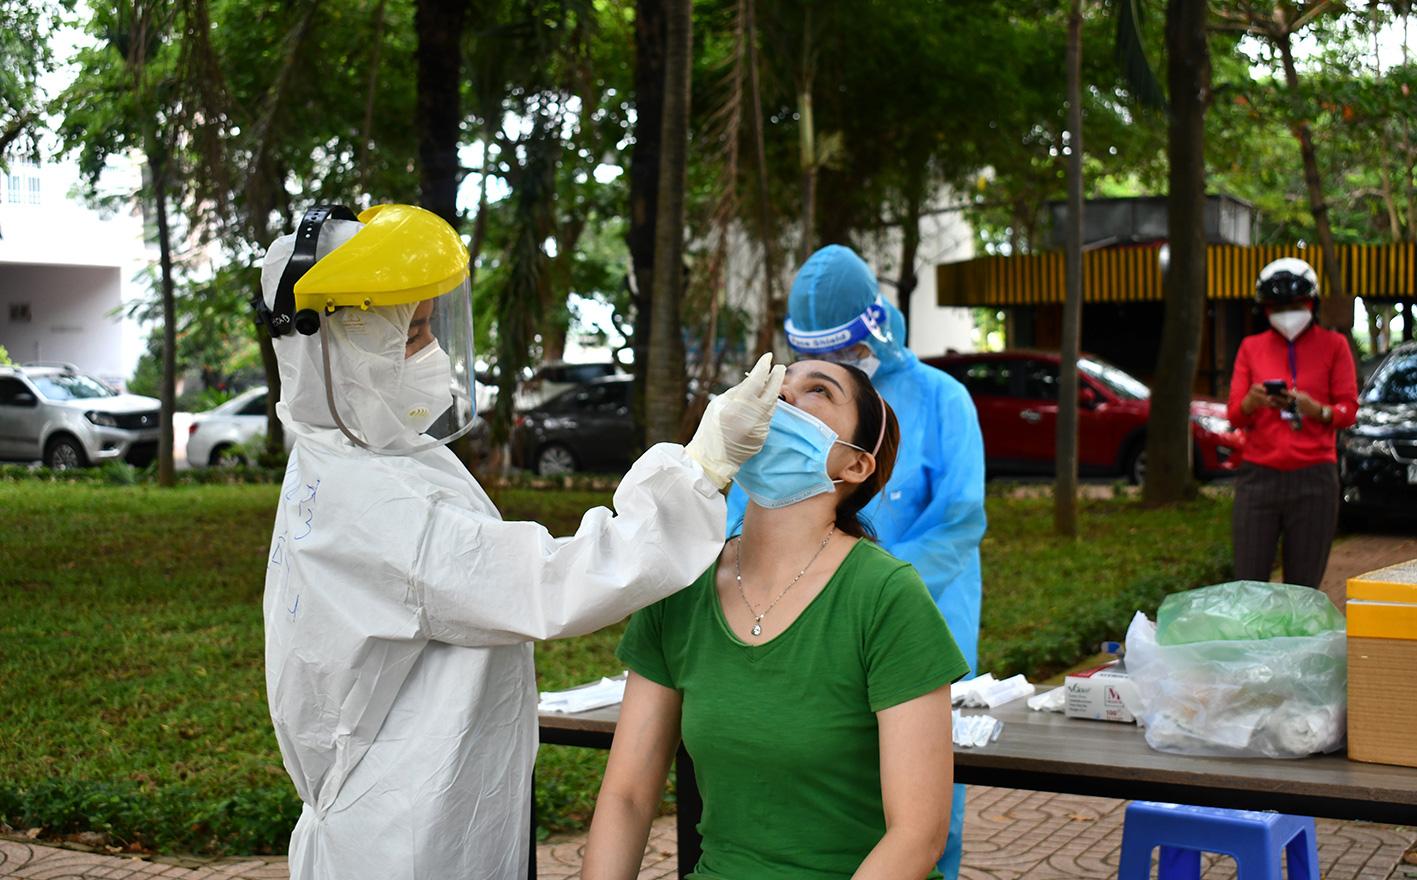 Hà Nội: Một phụ nữ đã nghỉ làm ở nhà 2 tháng, thi thoảng đi chợ, đi siêu thị dương tính với SARS-CoV-2